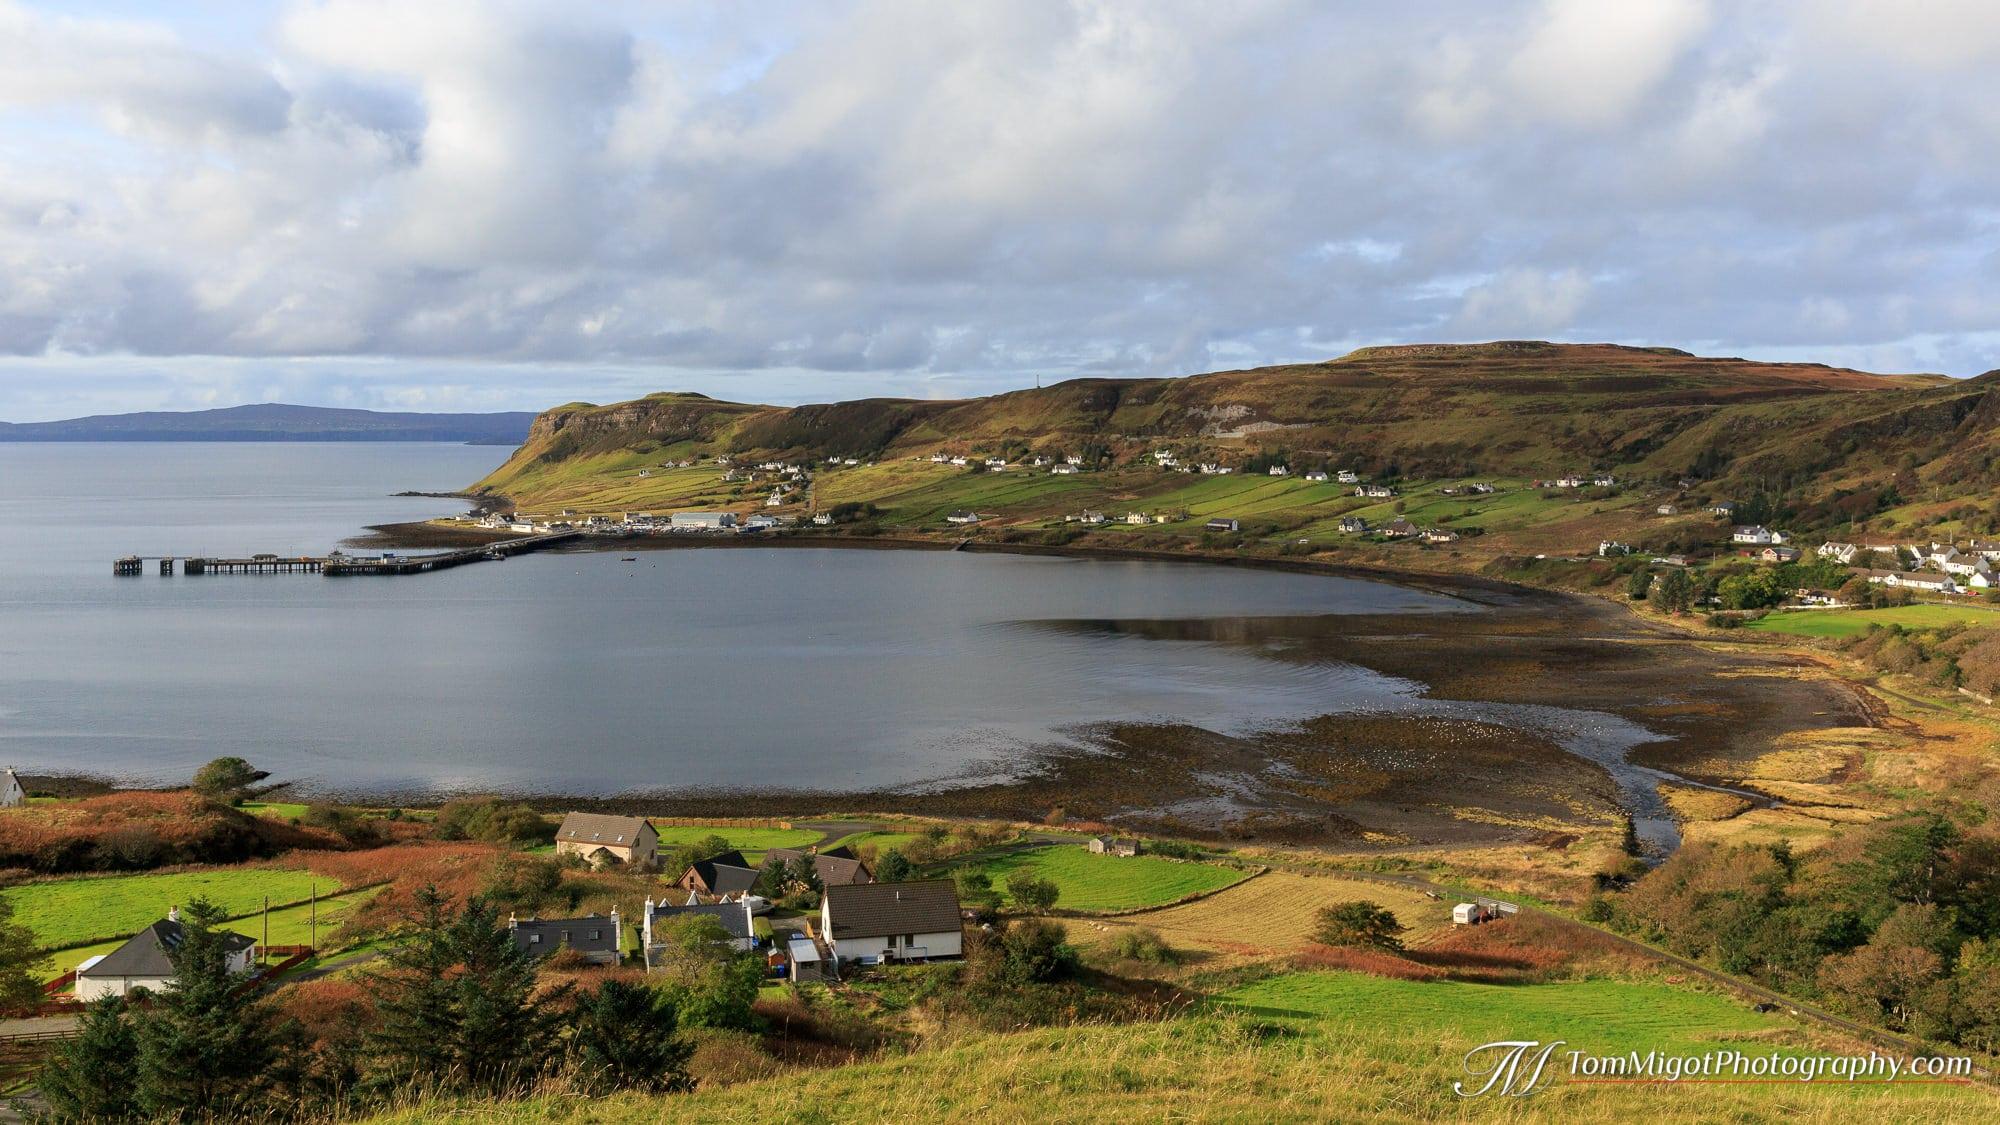 La baie de Uig sur l'Ile de Skye en Ecosse photographiée à l'automne